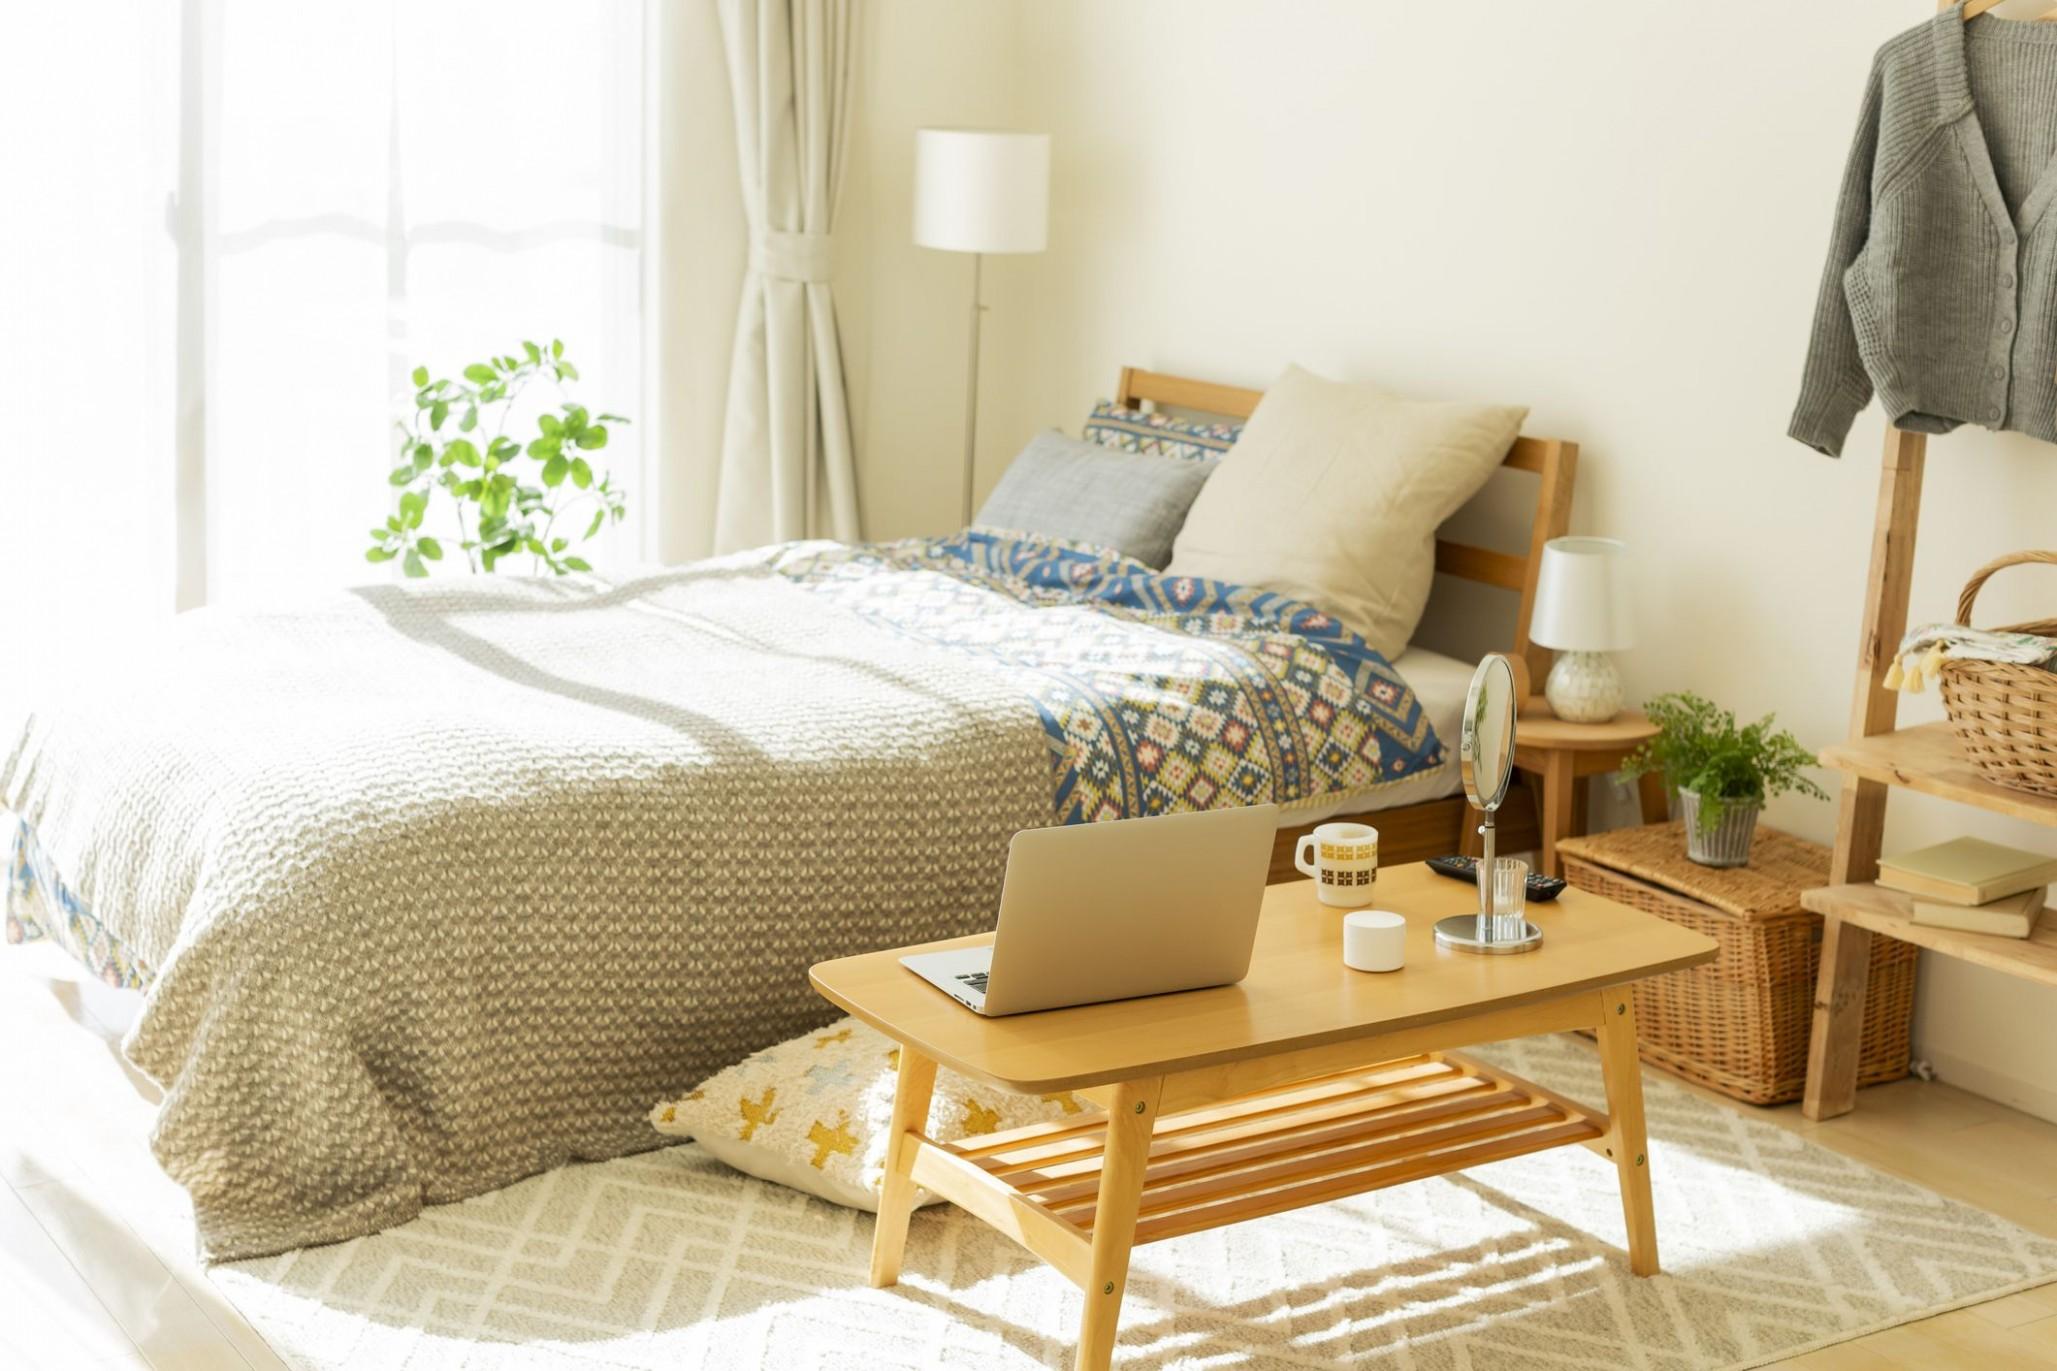 9 Best Studio Apartment Ideas - DIY Studio Apartment Decorating Ideas - Apartment Decor Ideas Diy